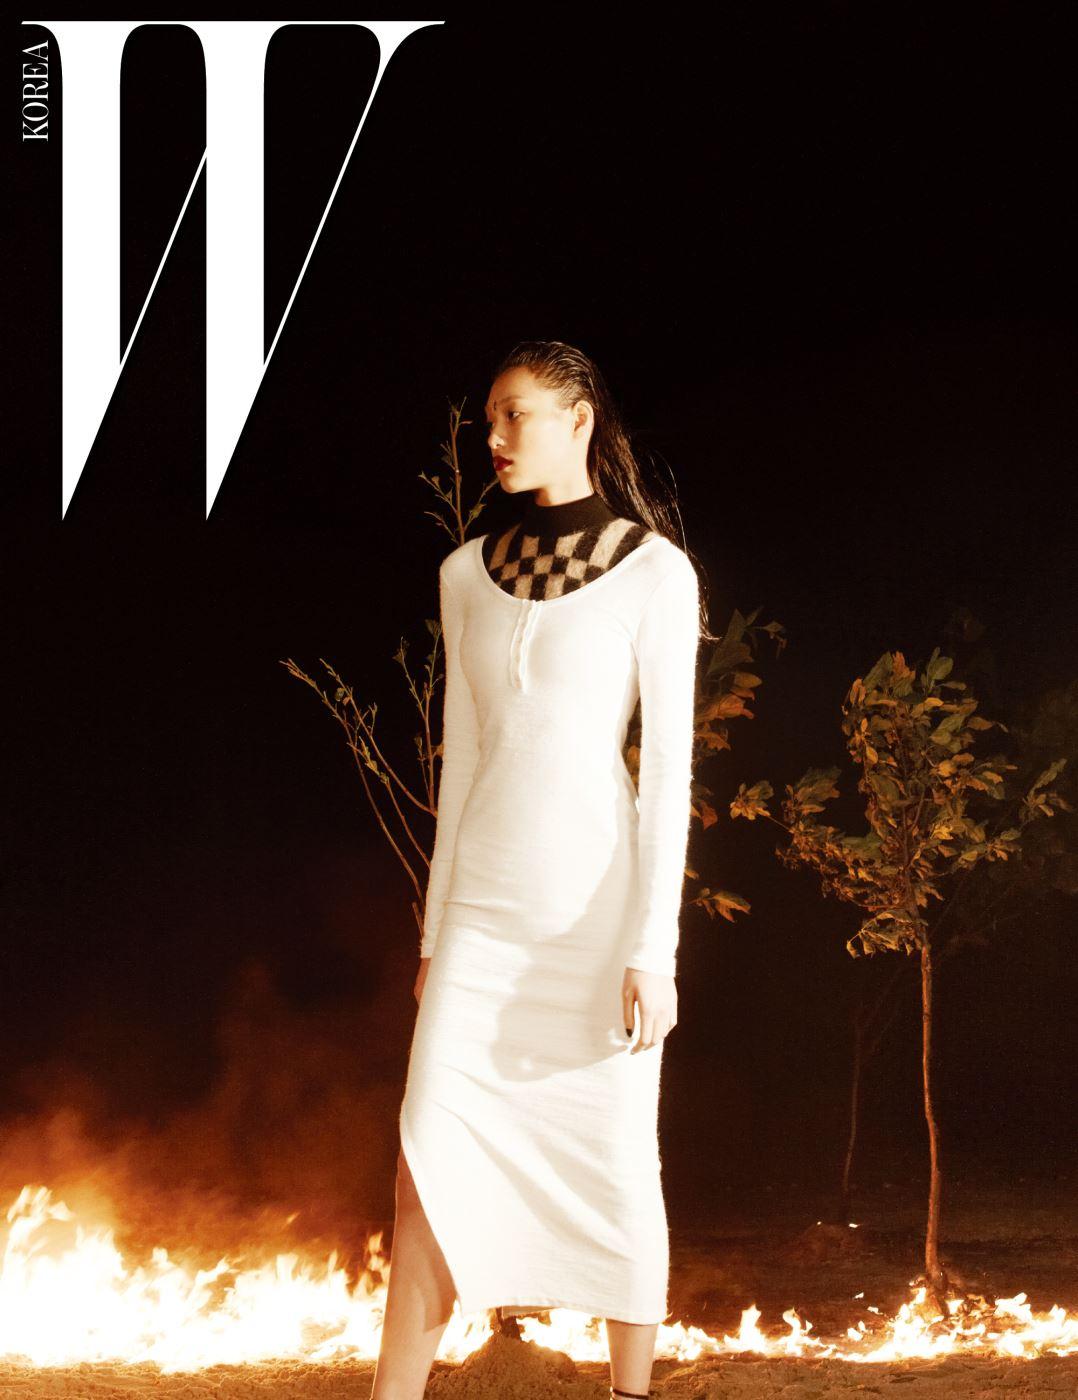 체크 무늬의 시스루 터틀넥 톱이 달린 하얀색 슬릿 드레스는 Loewe 제품.